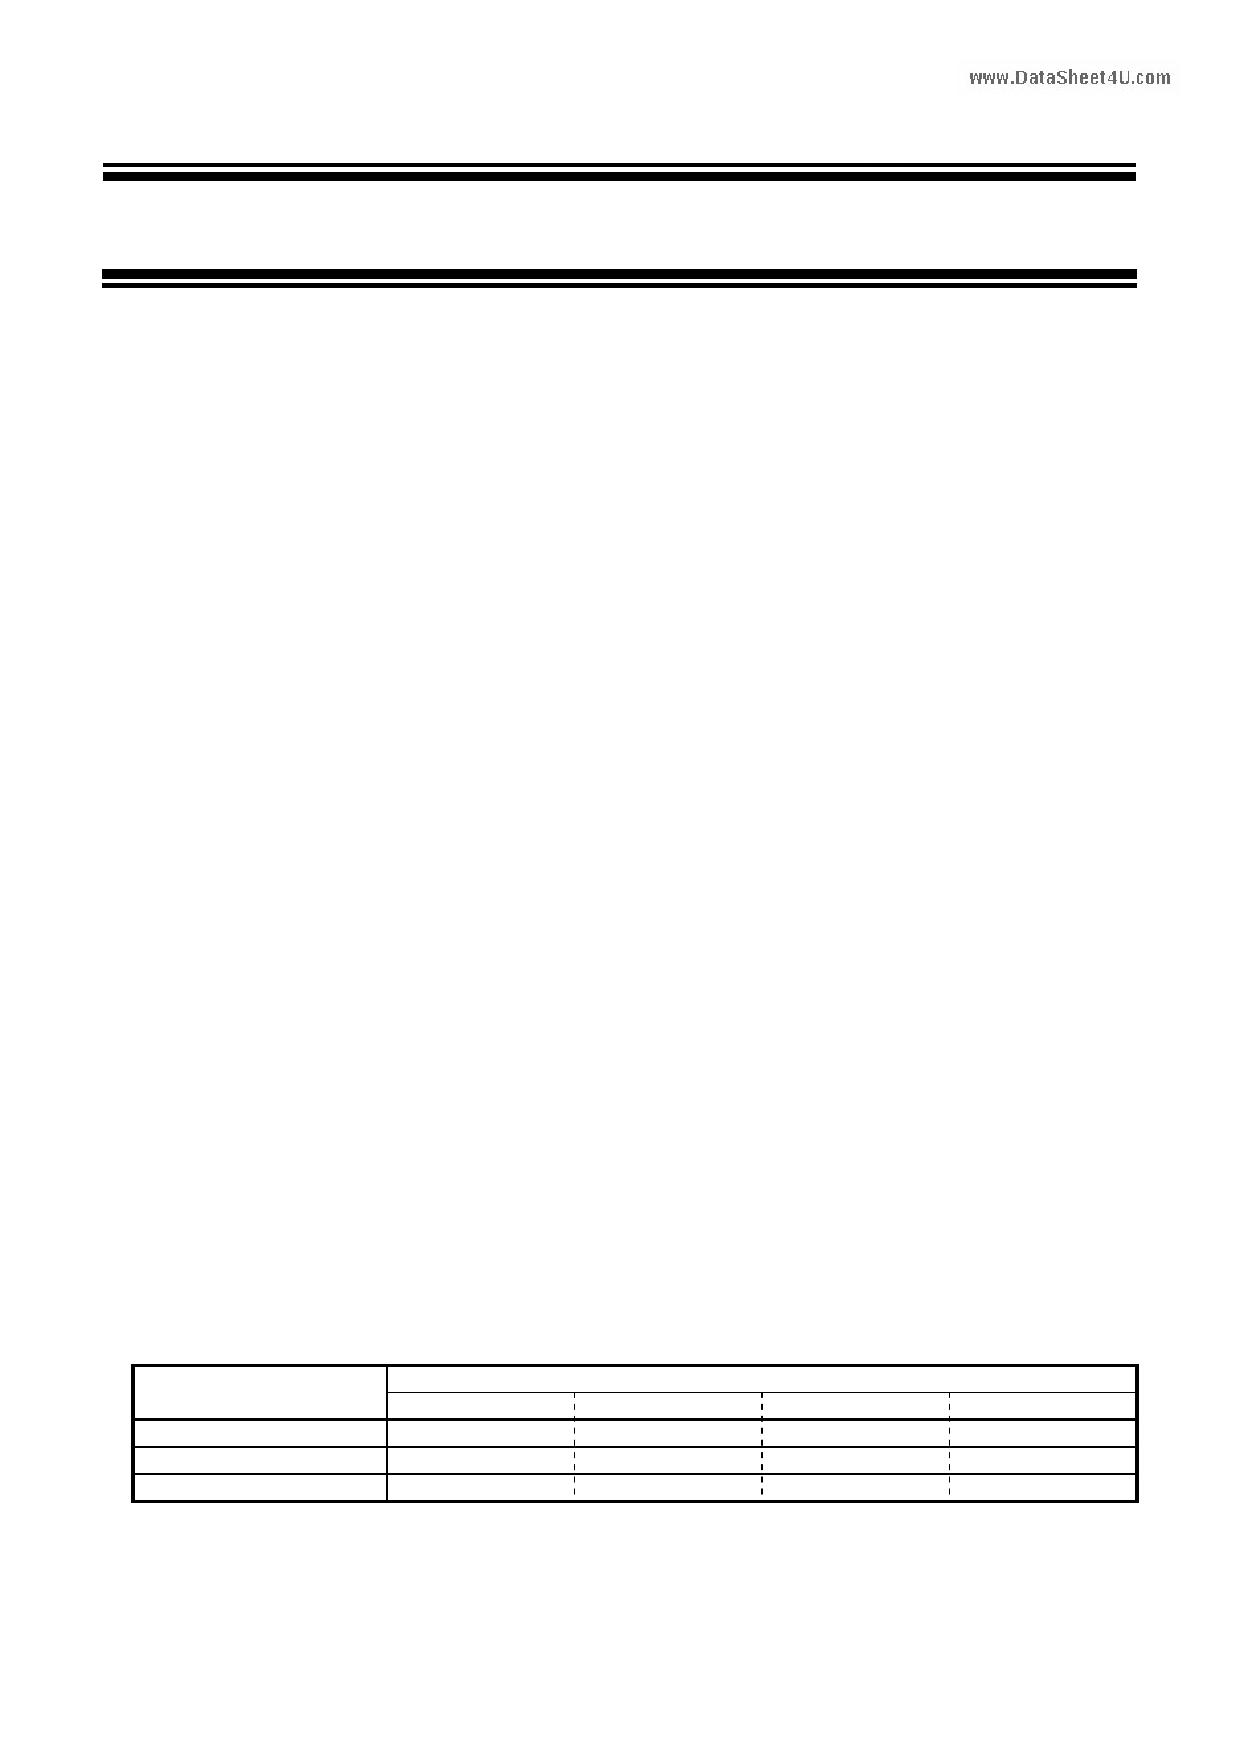 S-1206 datasheet